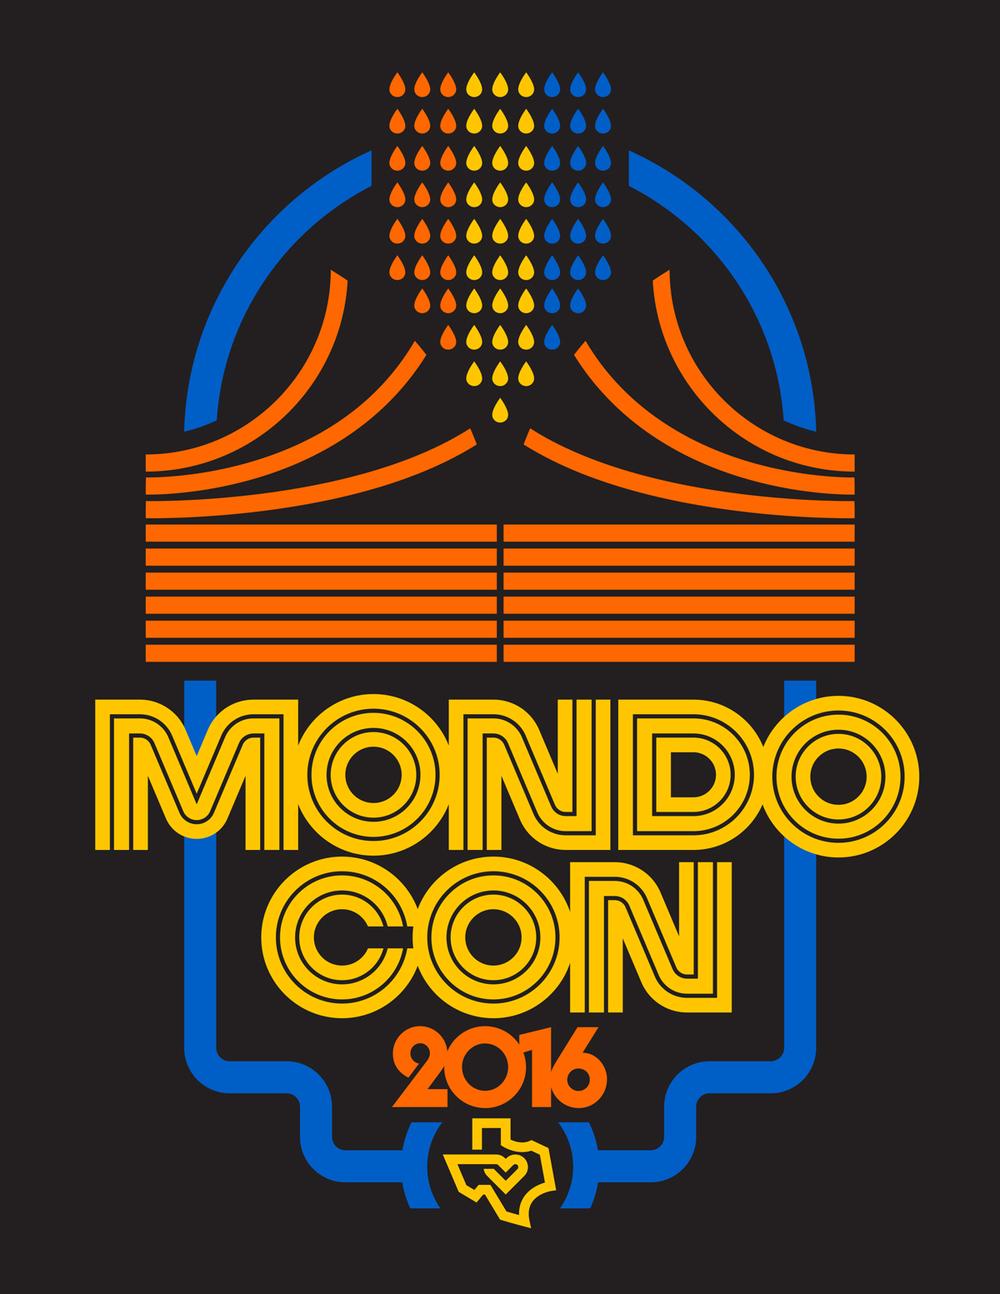 MondoCon_2016_Logo.jpg